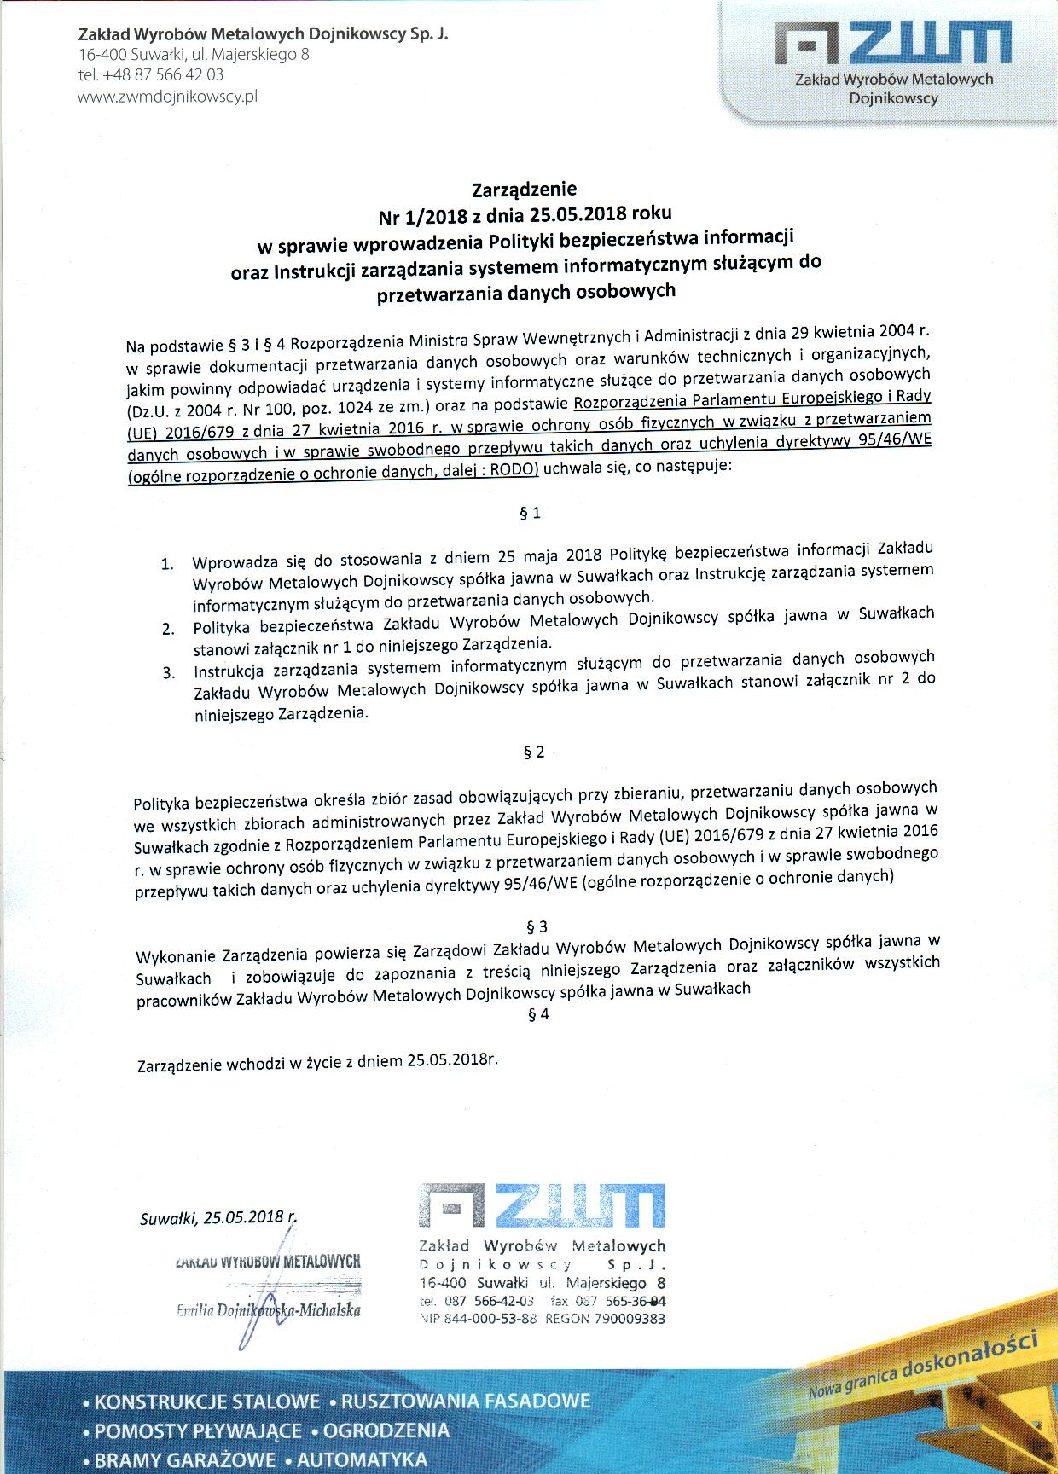 ZWM Dojnikowscy – Zarządzenie 1 2018